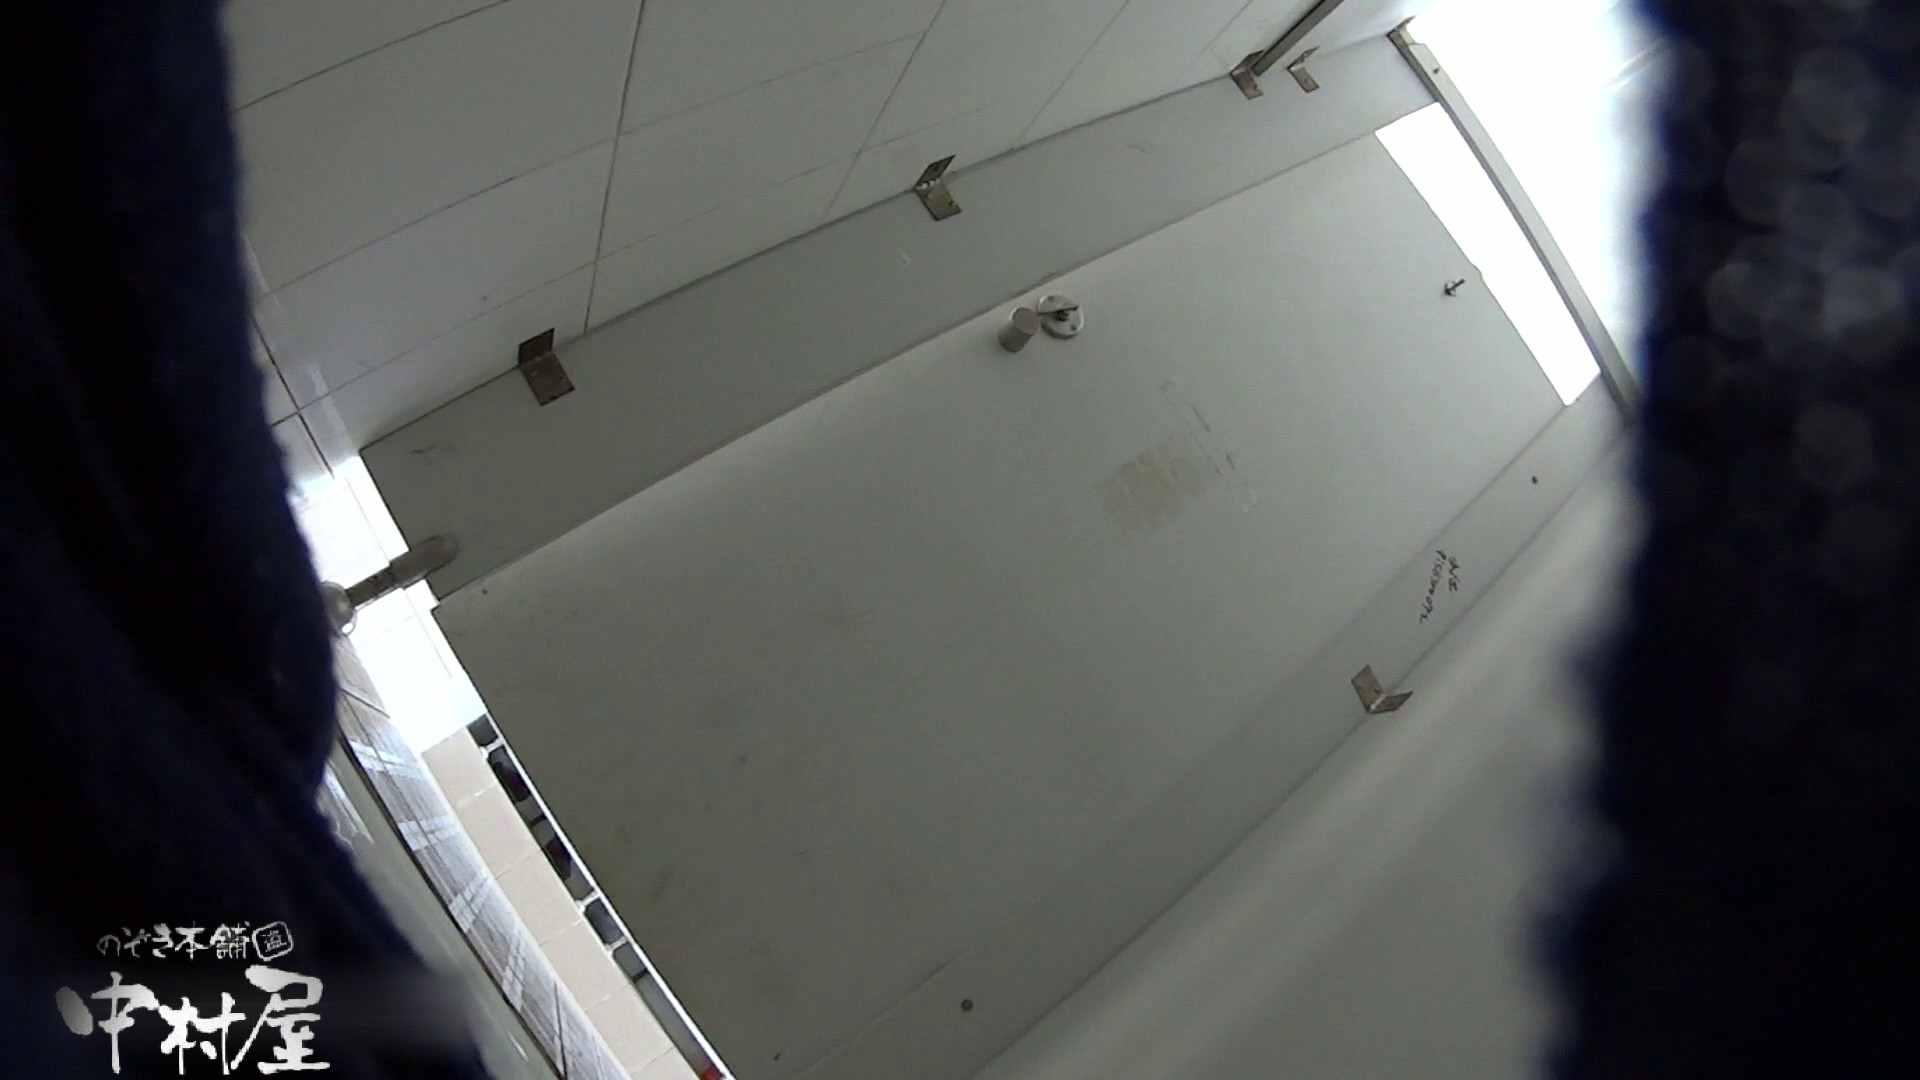 うんこがとても綺麗に出ています!有名大学休憩時間の洗面所事情05 盗撮 覗きおまんこ画像 112連発 2